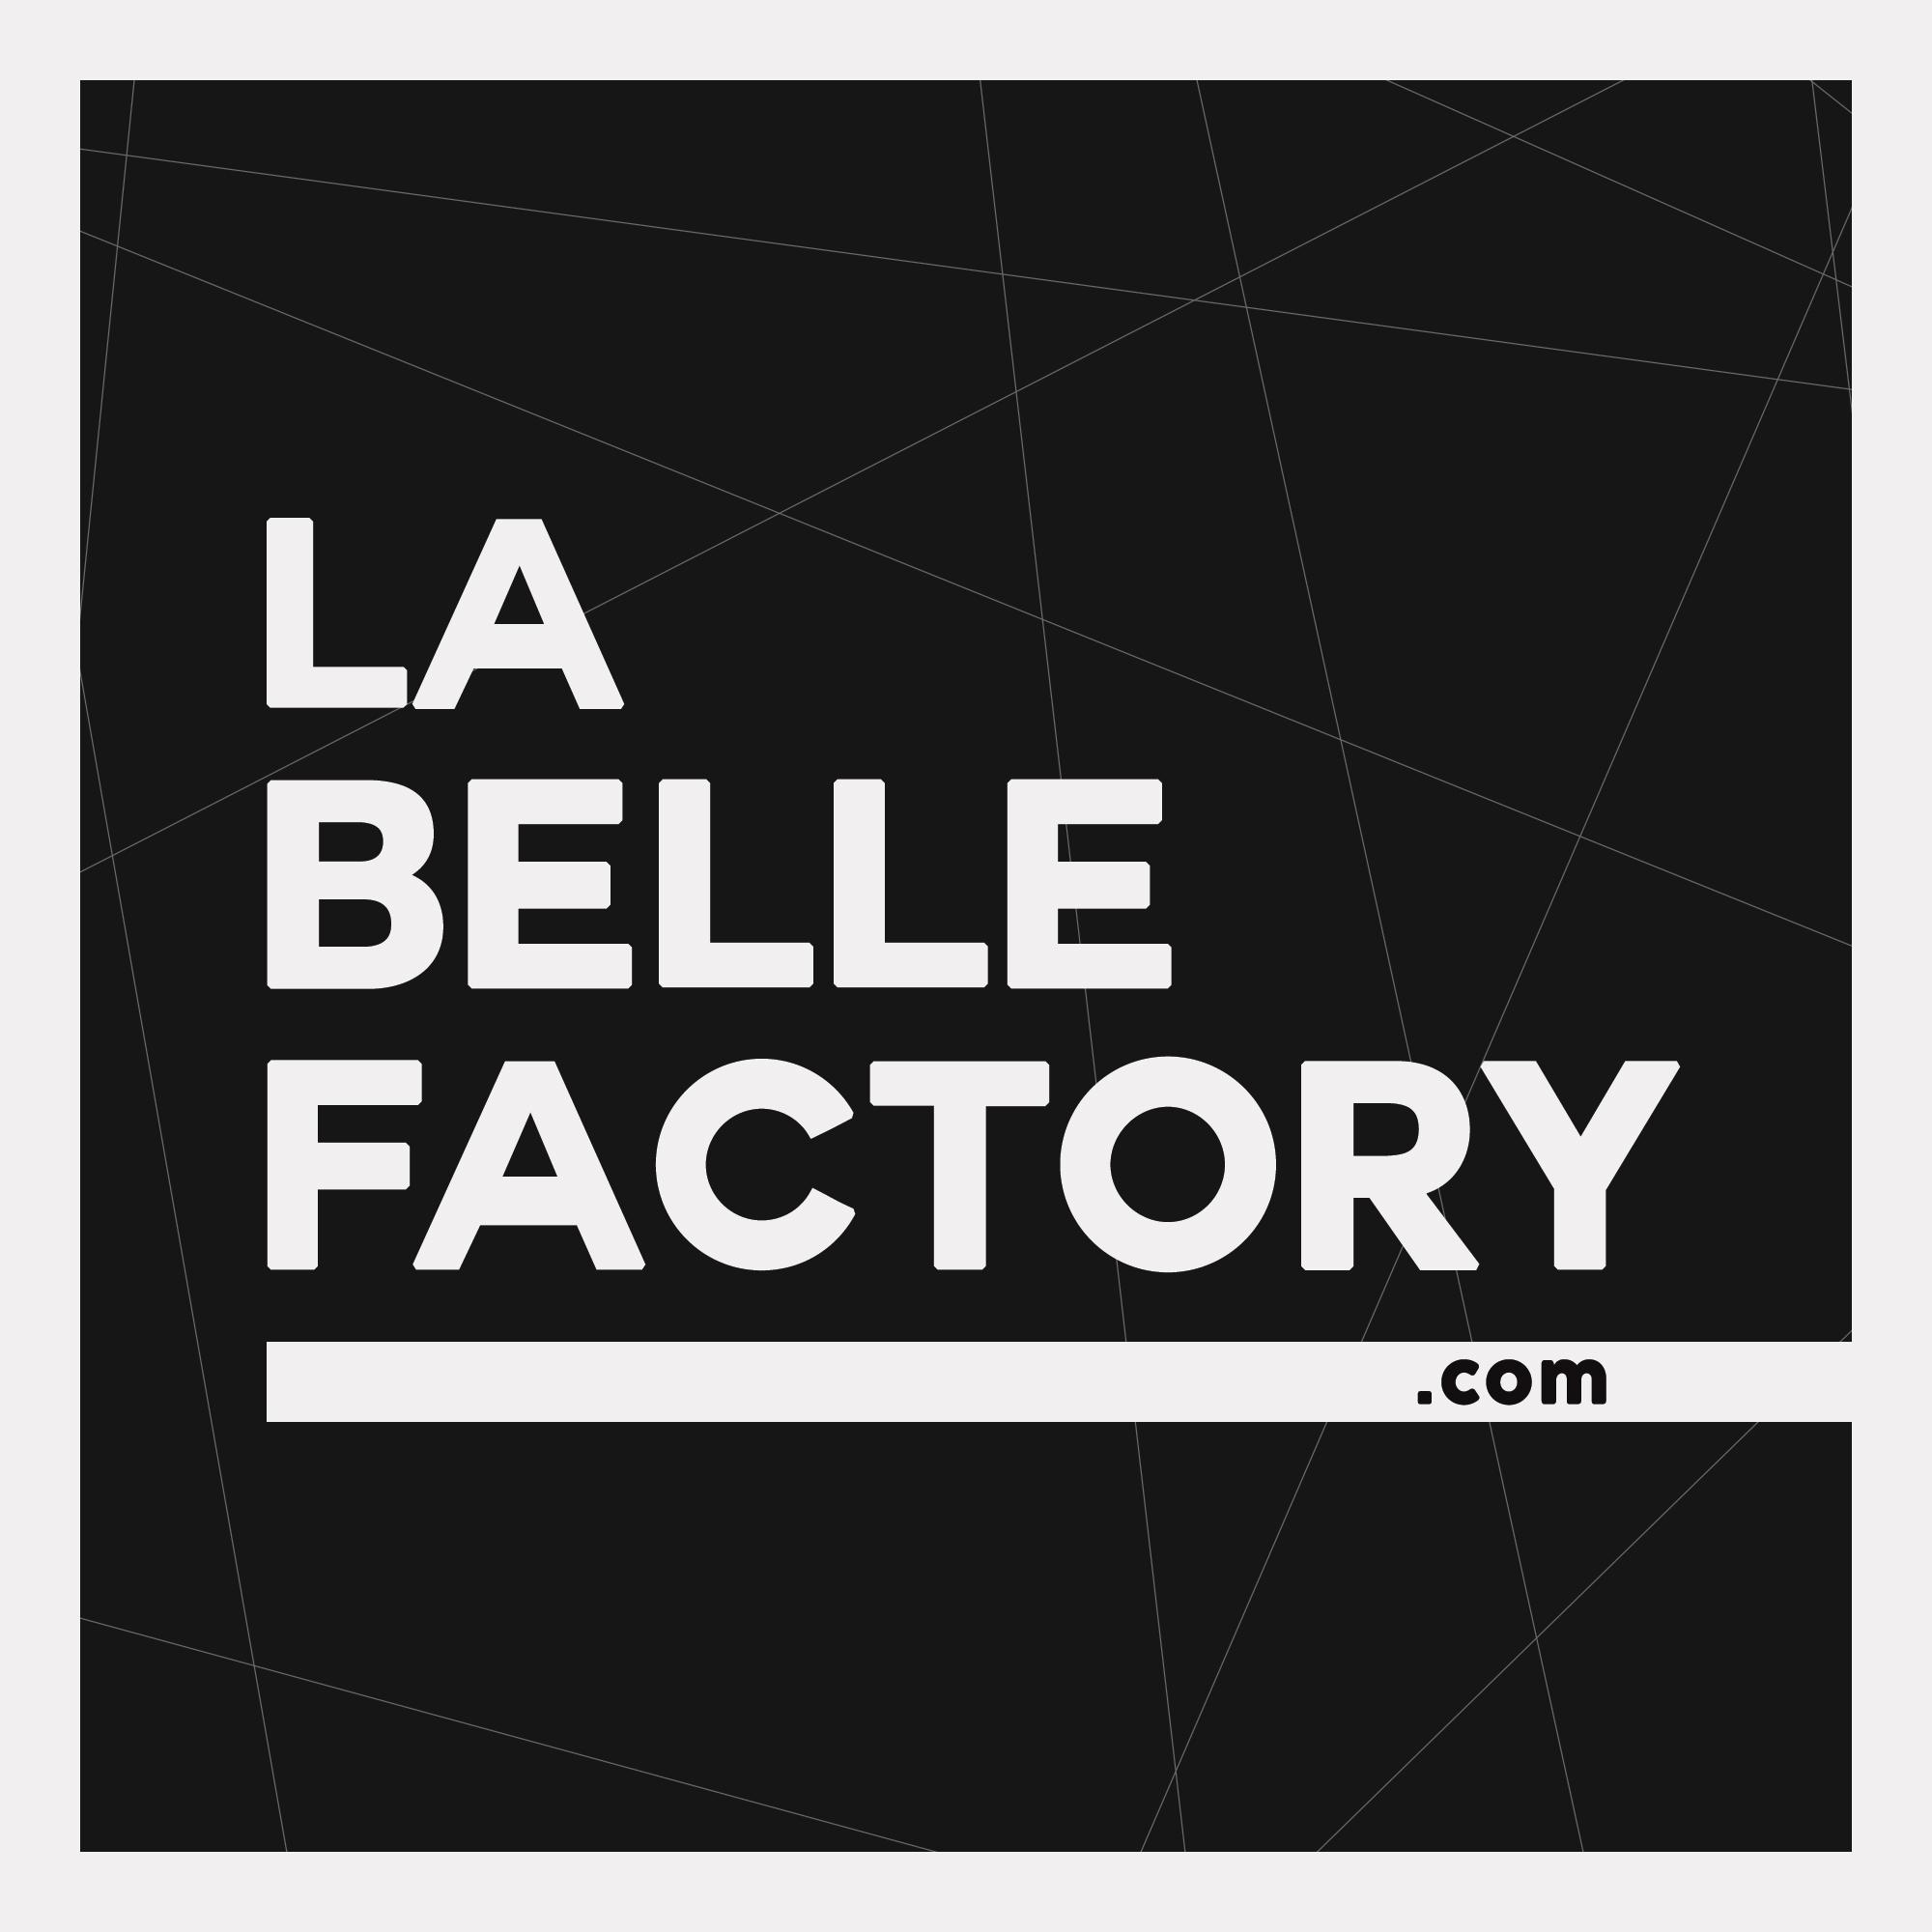 LA BELLE FACTORY